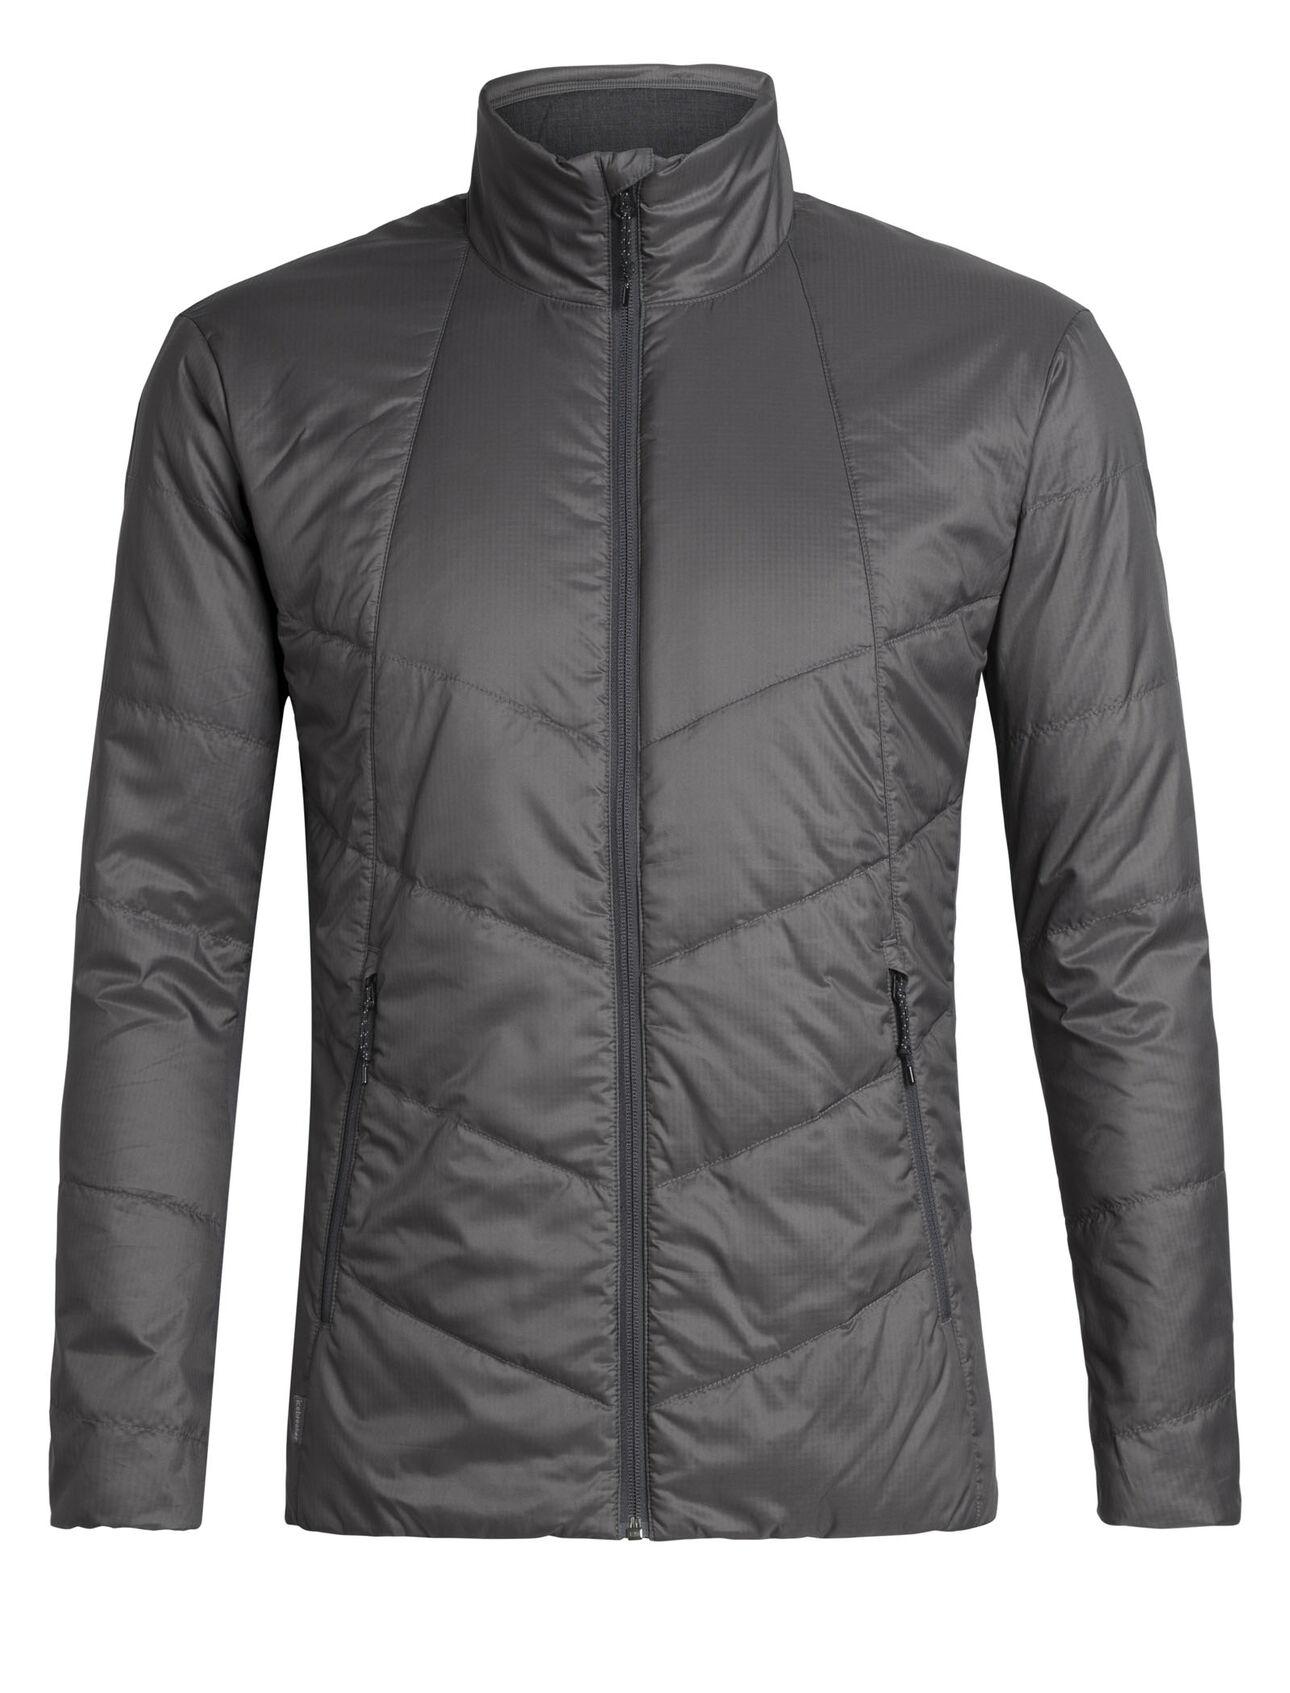 große Auswahl an Designs heiß-verkauf freiheit modisches und attraktives Paket Helix Jacket